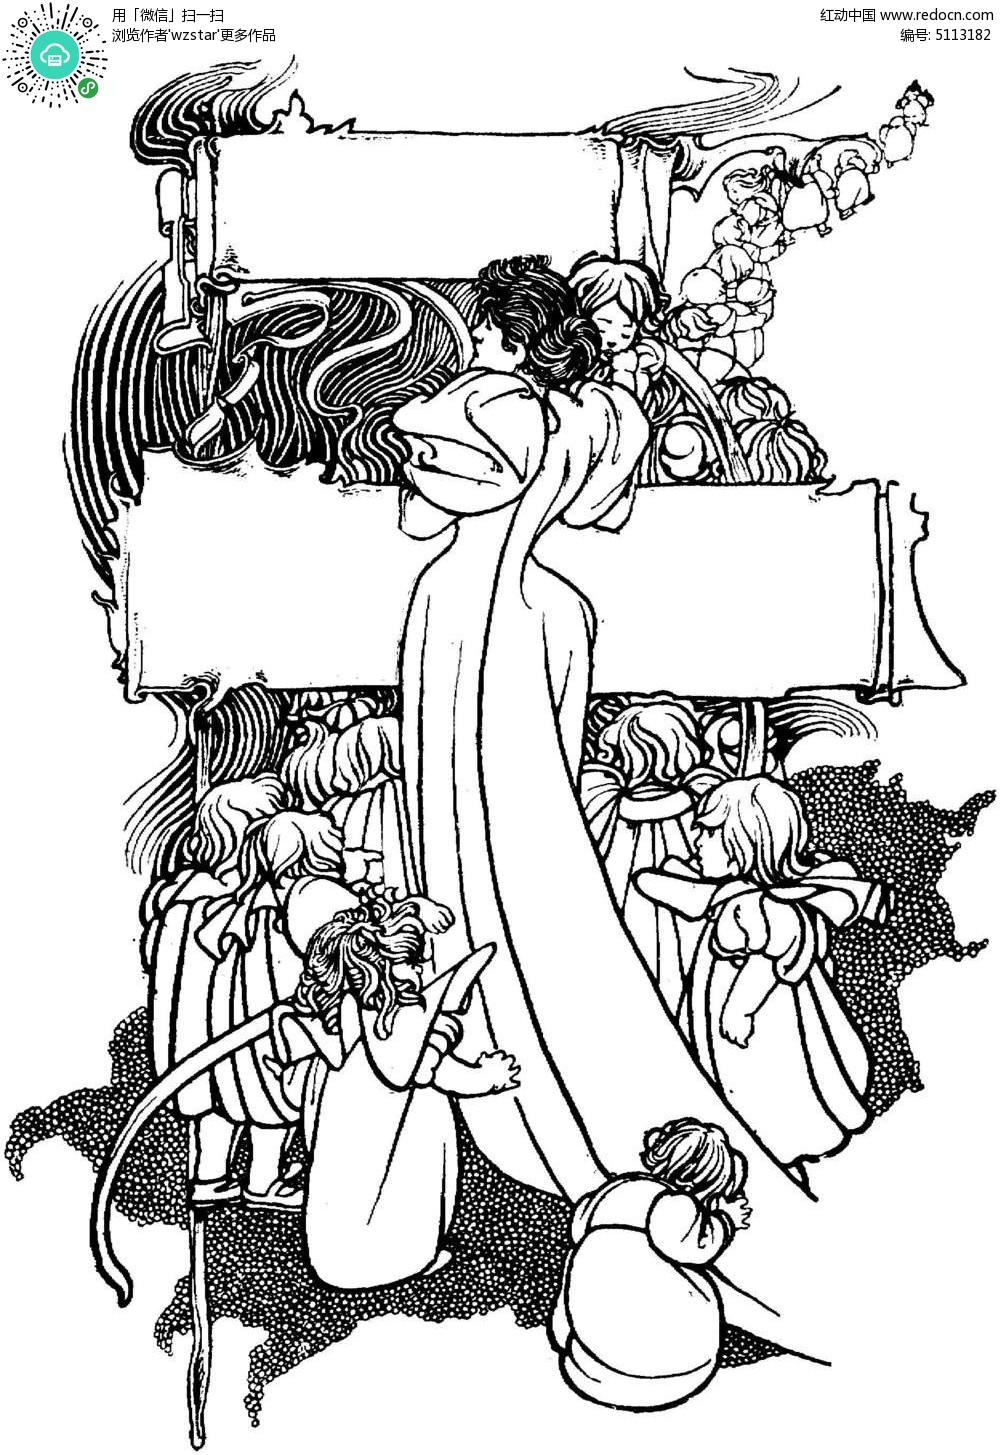 女人背影插画设计